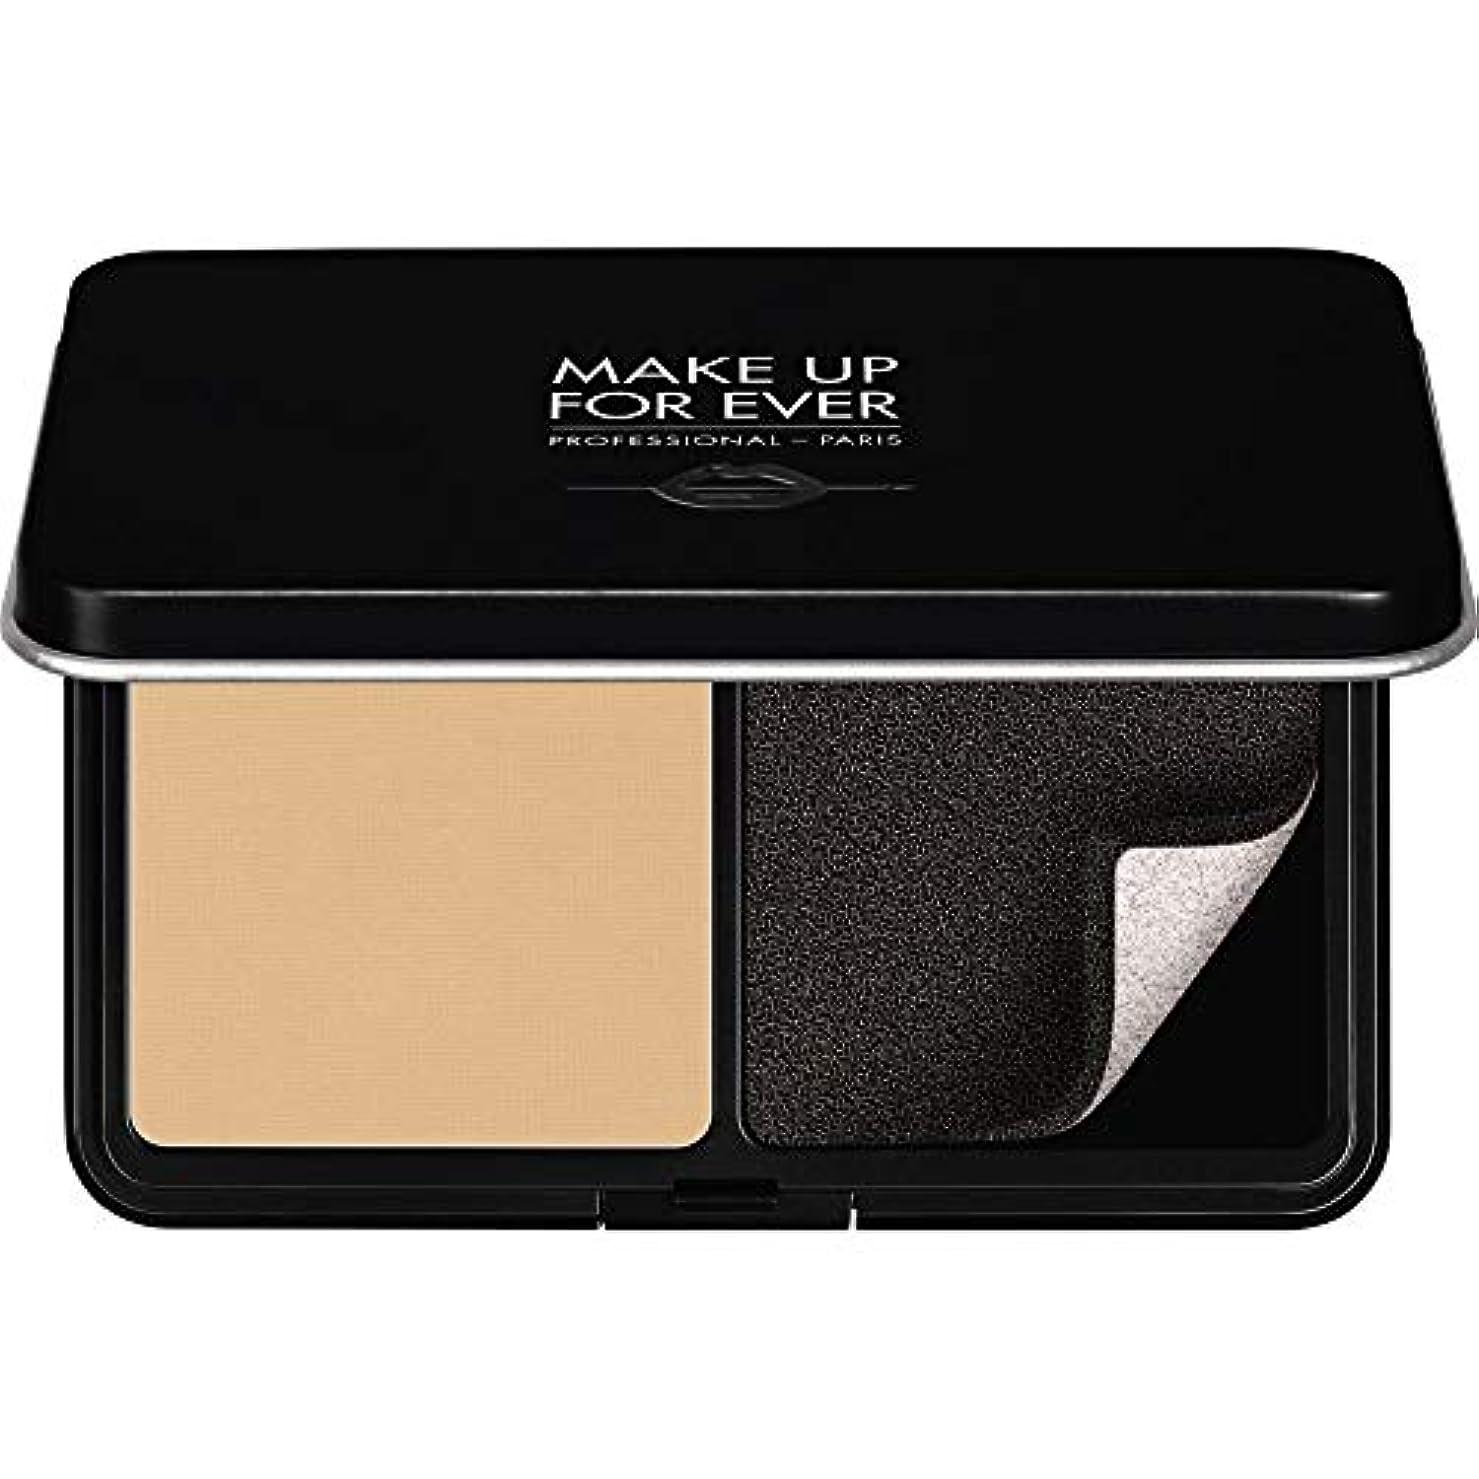 圧縮された減らす恋人[MAKE UP FOR EVER ] パウダーファンデーション11GののY225をぼかし、これまでマットベルベットの肌を補う - 大理石 - MAKE UP FOR EVER Matte Velvet Skin Blurring...